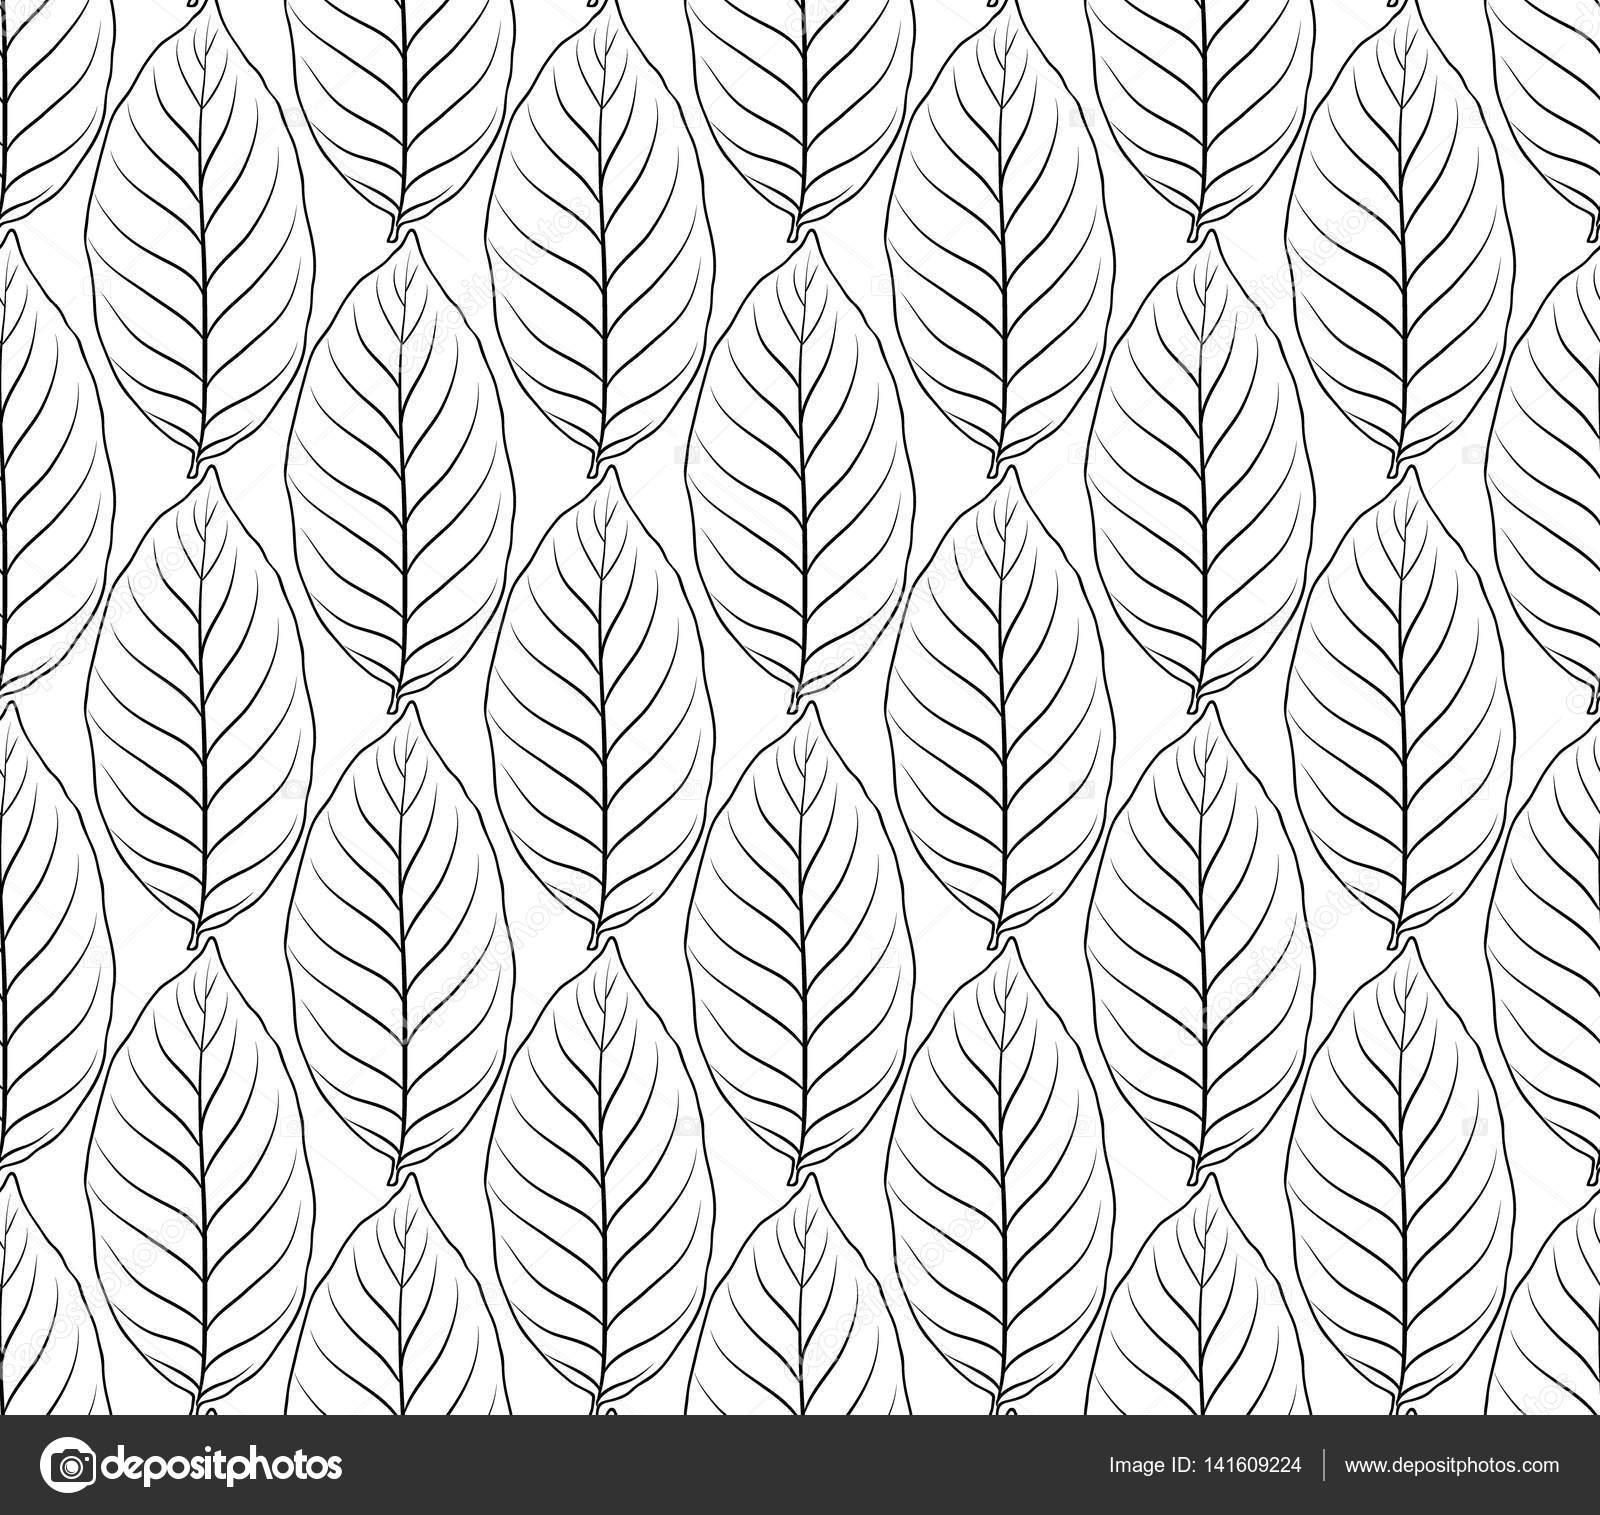 Nahtlose Muster mit Blätter zum Färben von Buch Seite Vektor ...